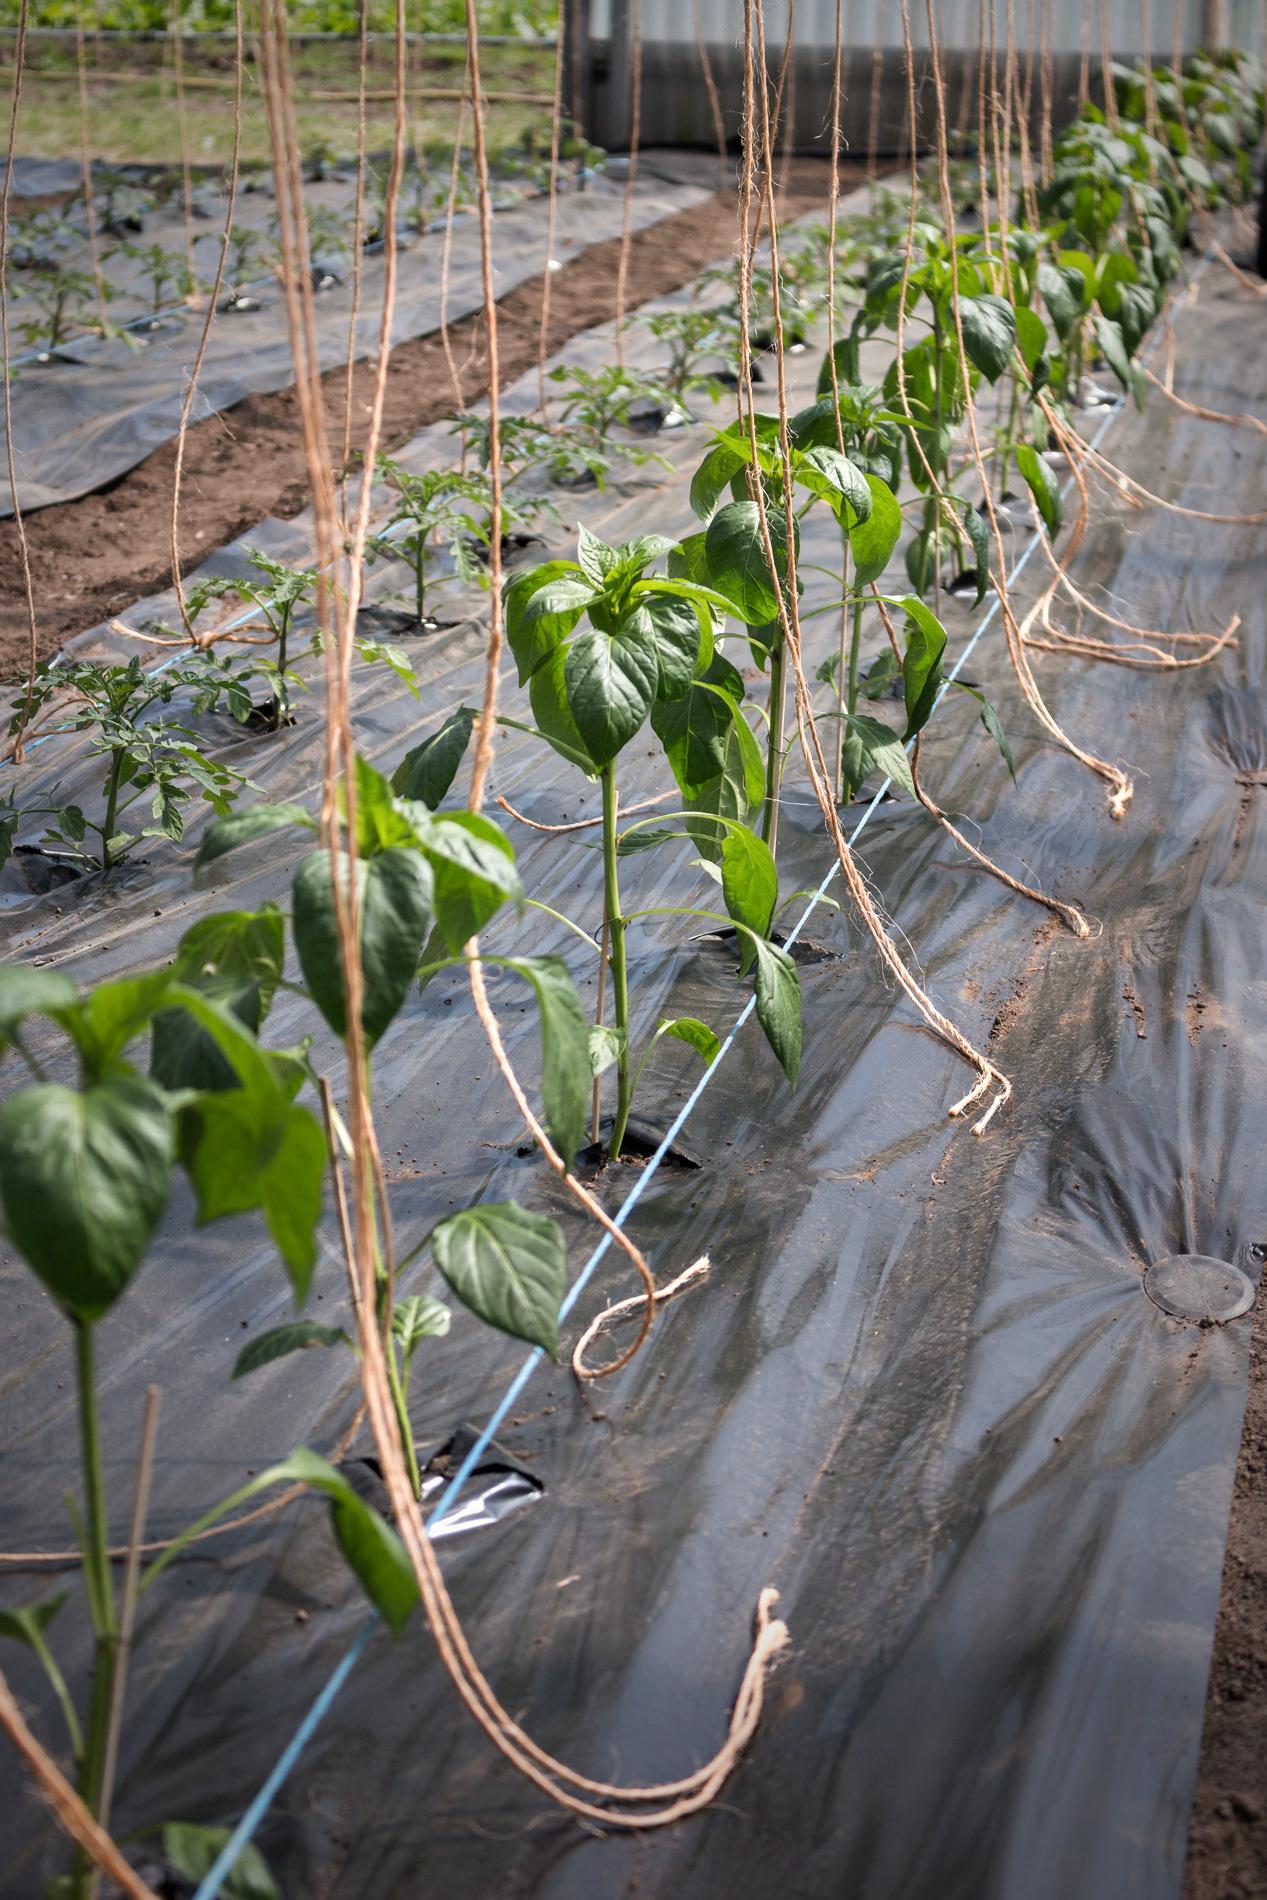 Paprikapflanzen mit Schnur